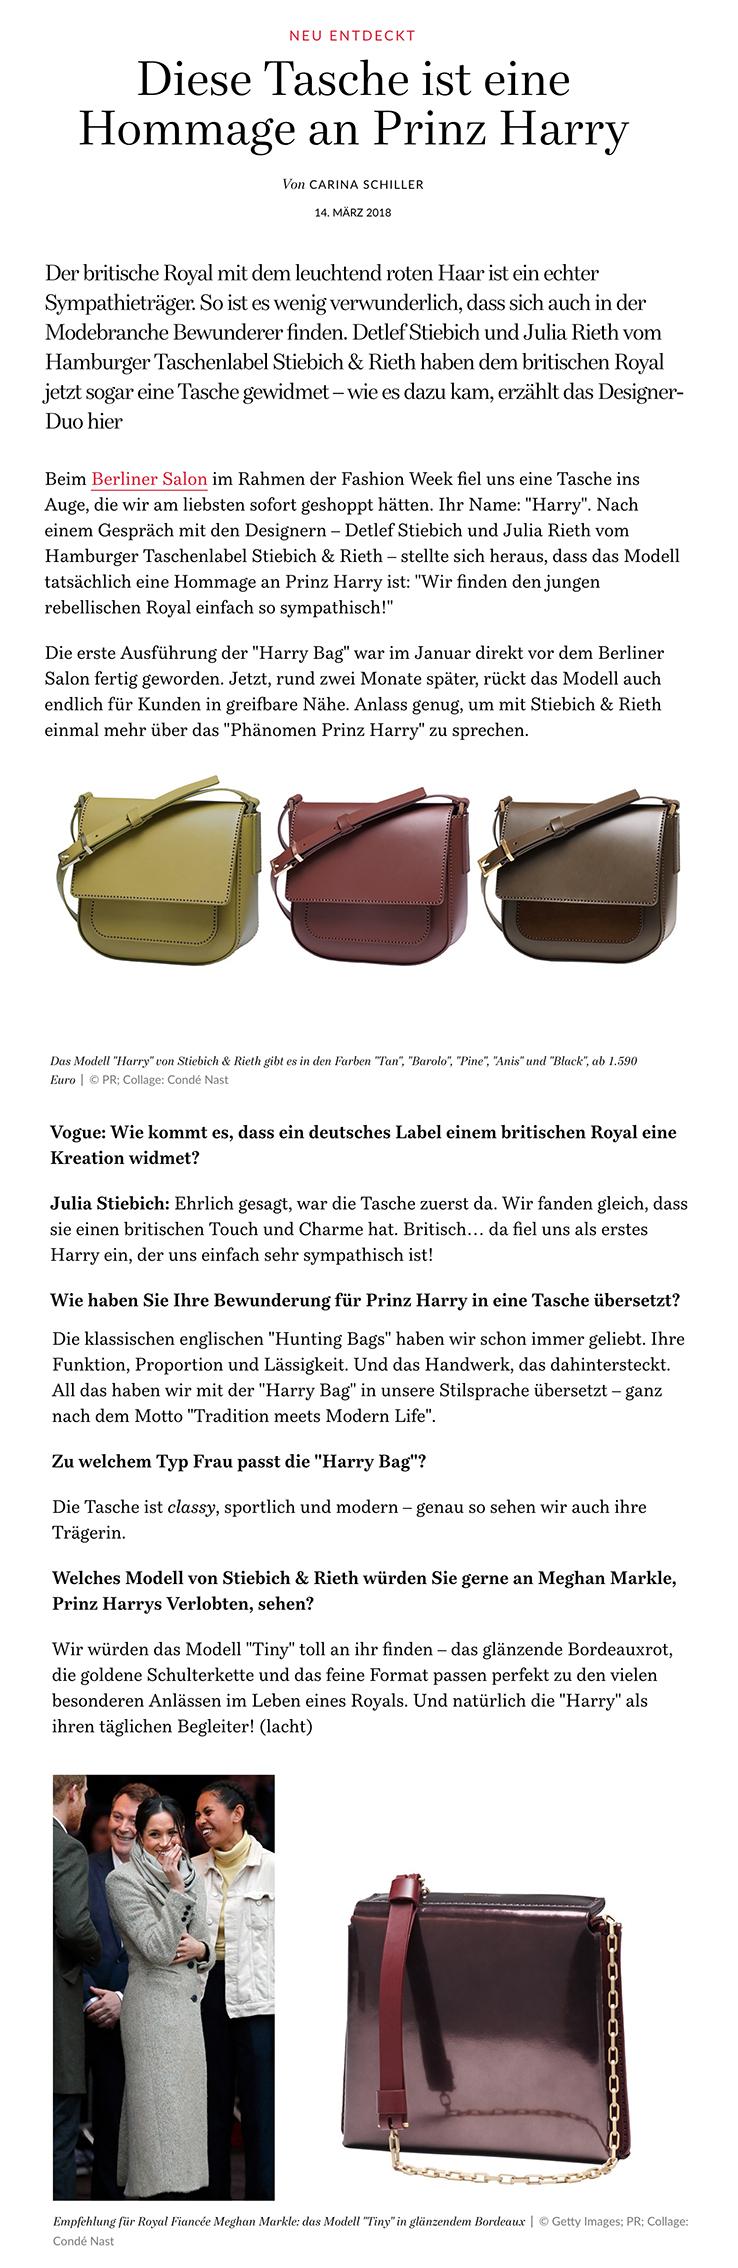 Schön Rahmen Prinz Bild Fotos - Rahmen Ideen - markjohnsonshow.info